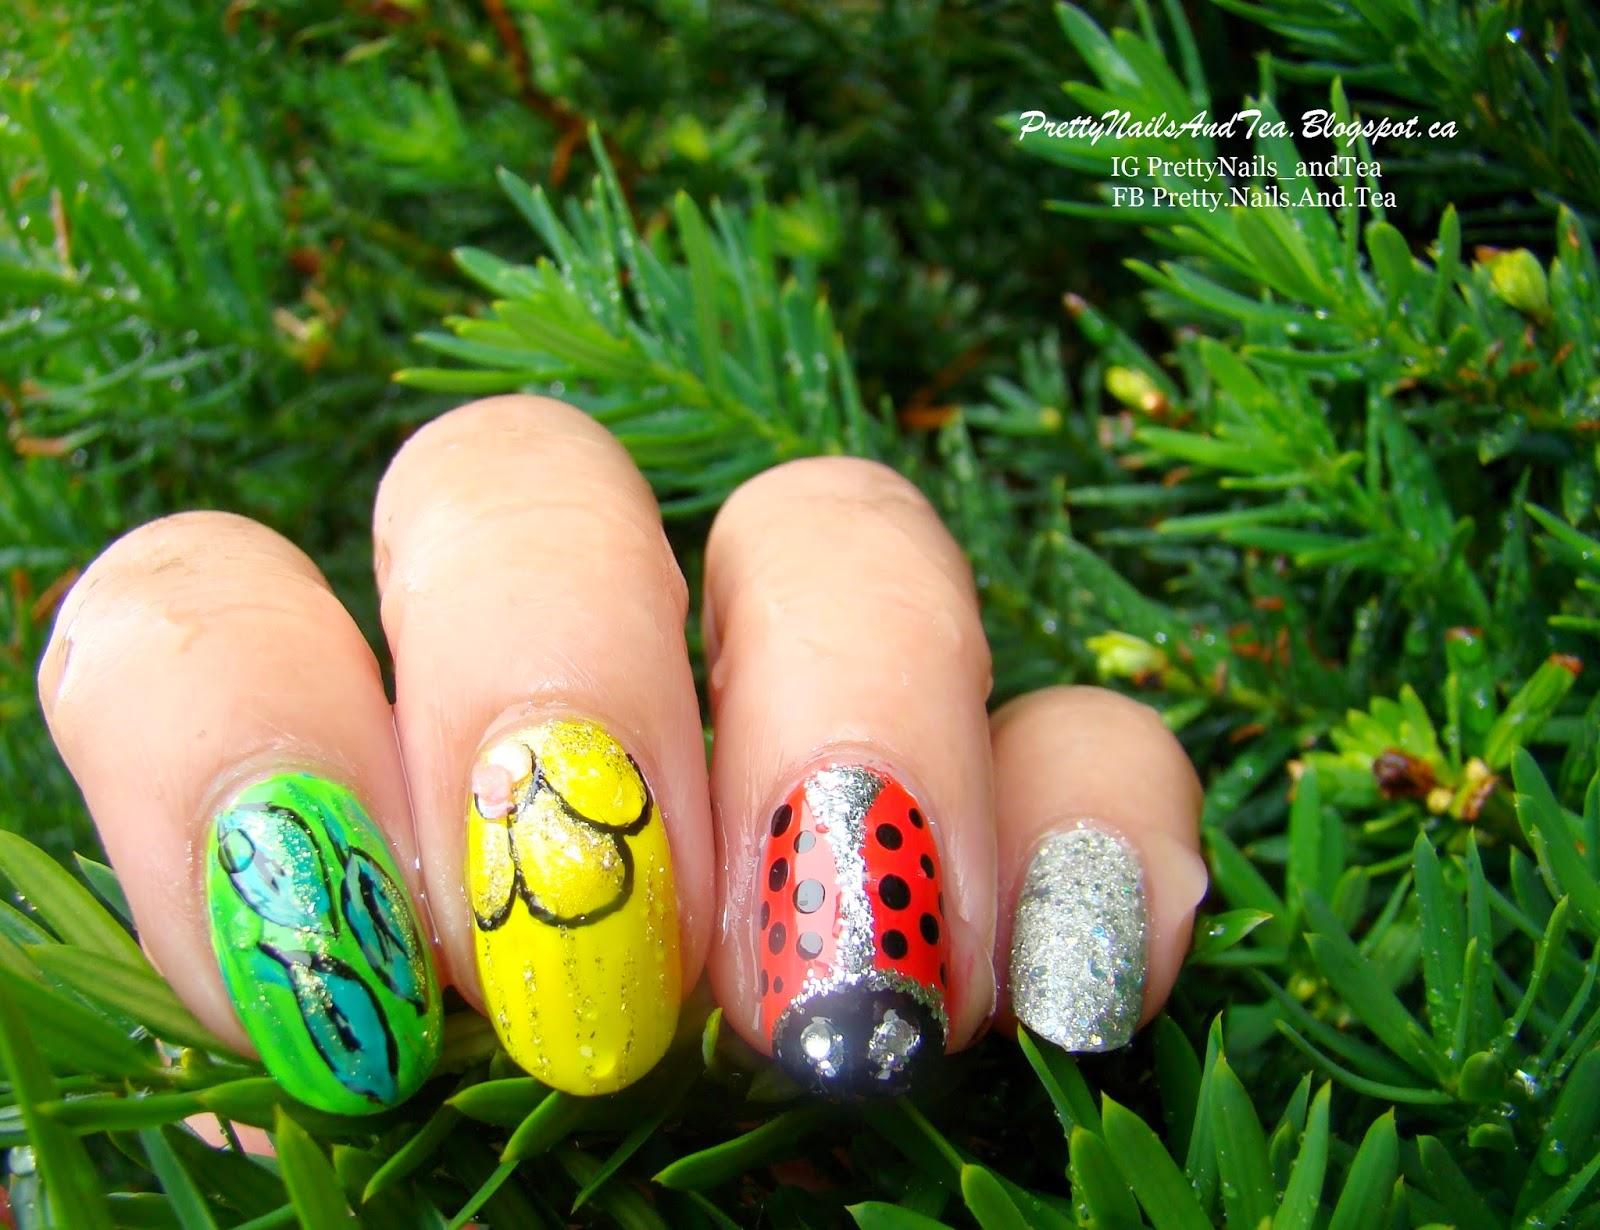 LadyBug Nails